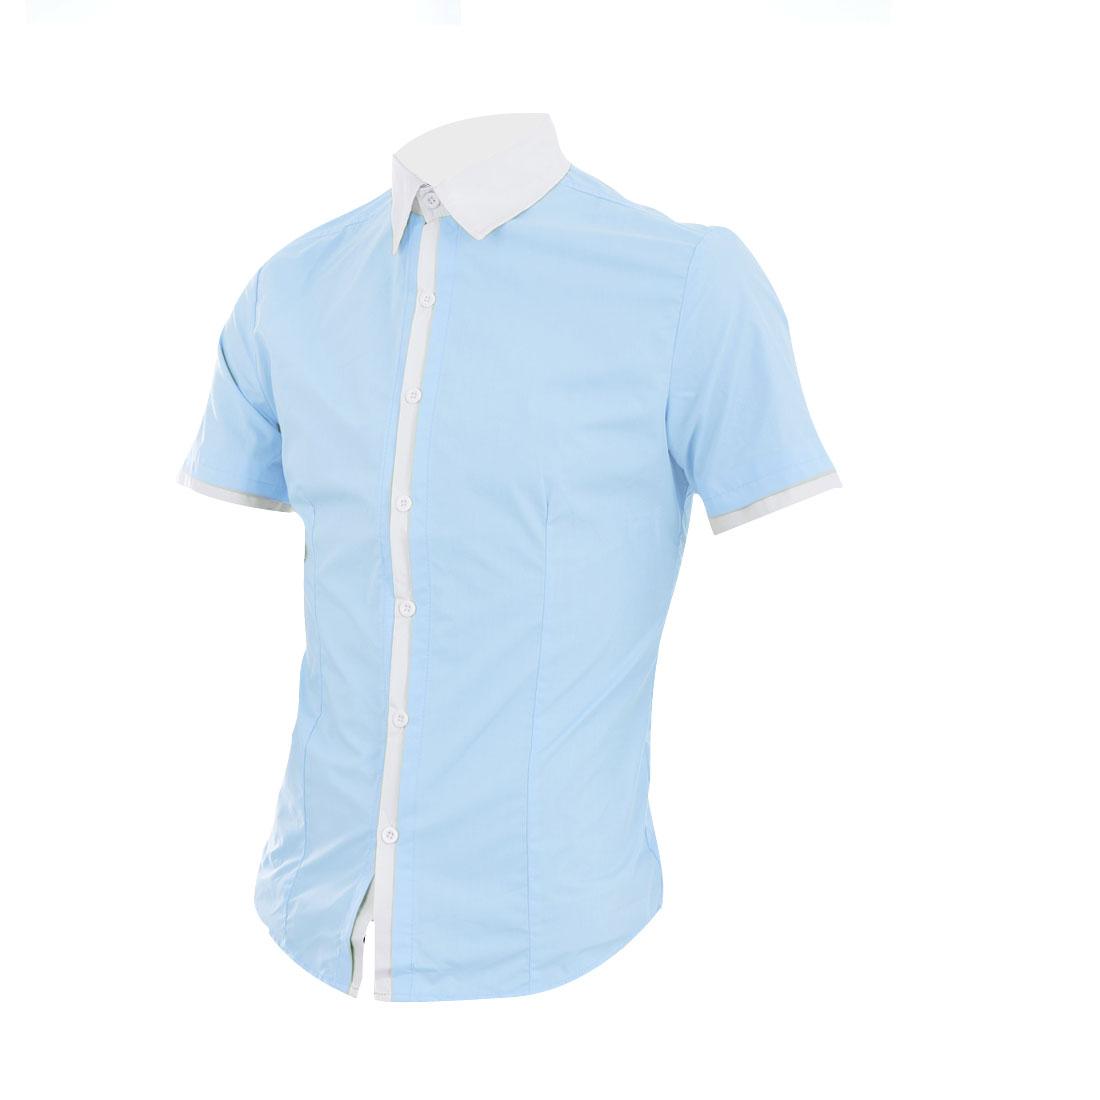 Men Button Down Splice Collar Shirt Light Blue M